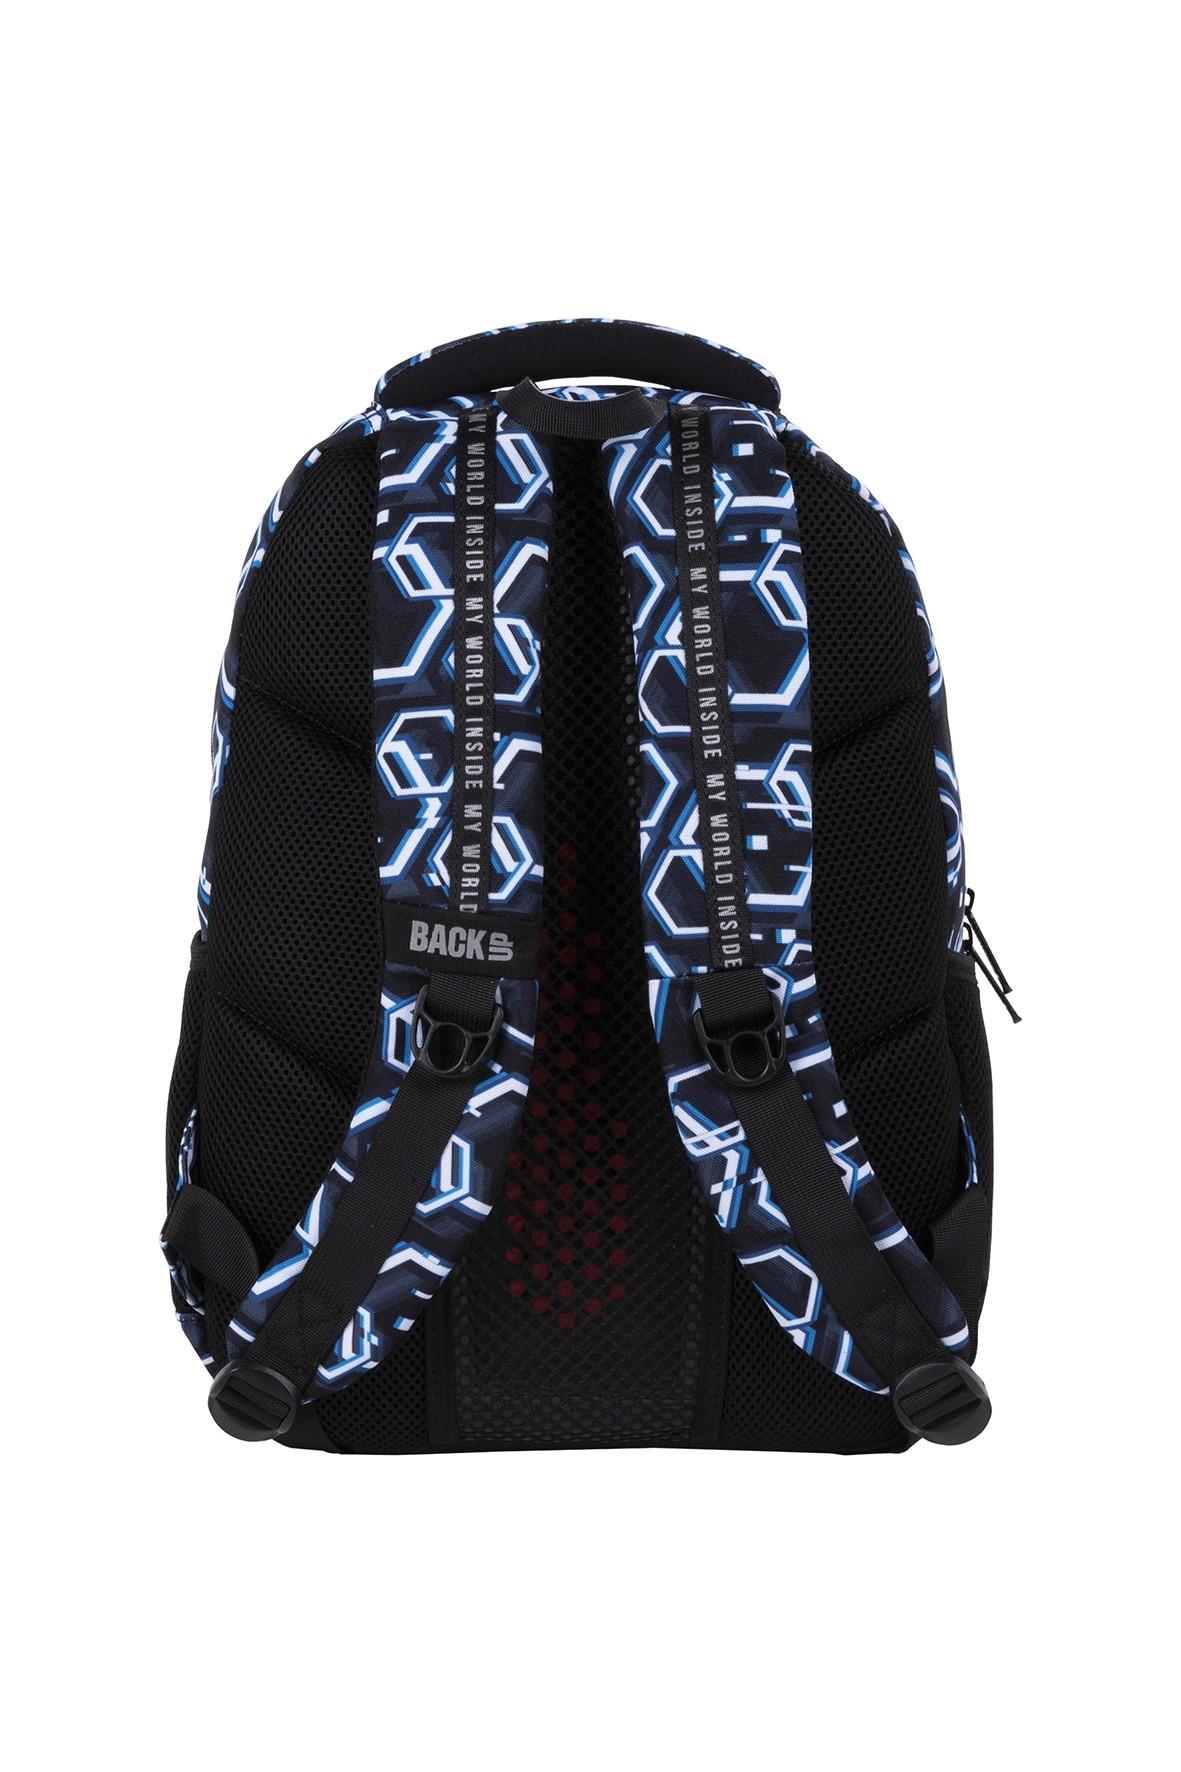 Plecak BackUp chłopięcy ze wzorami